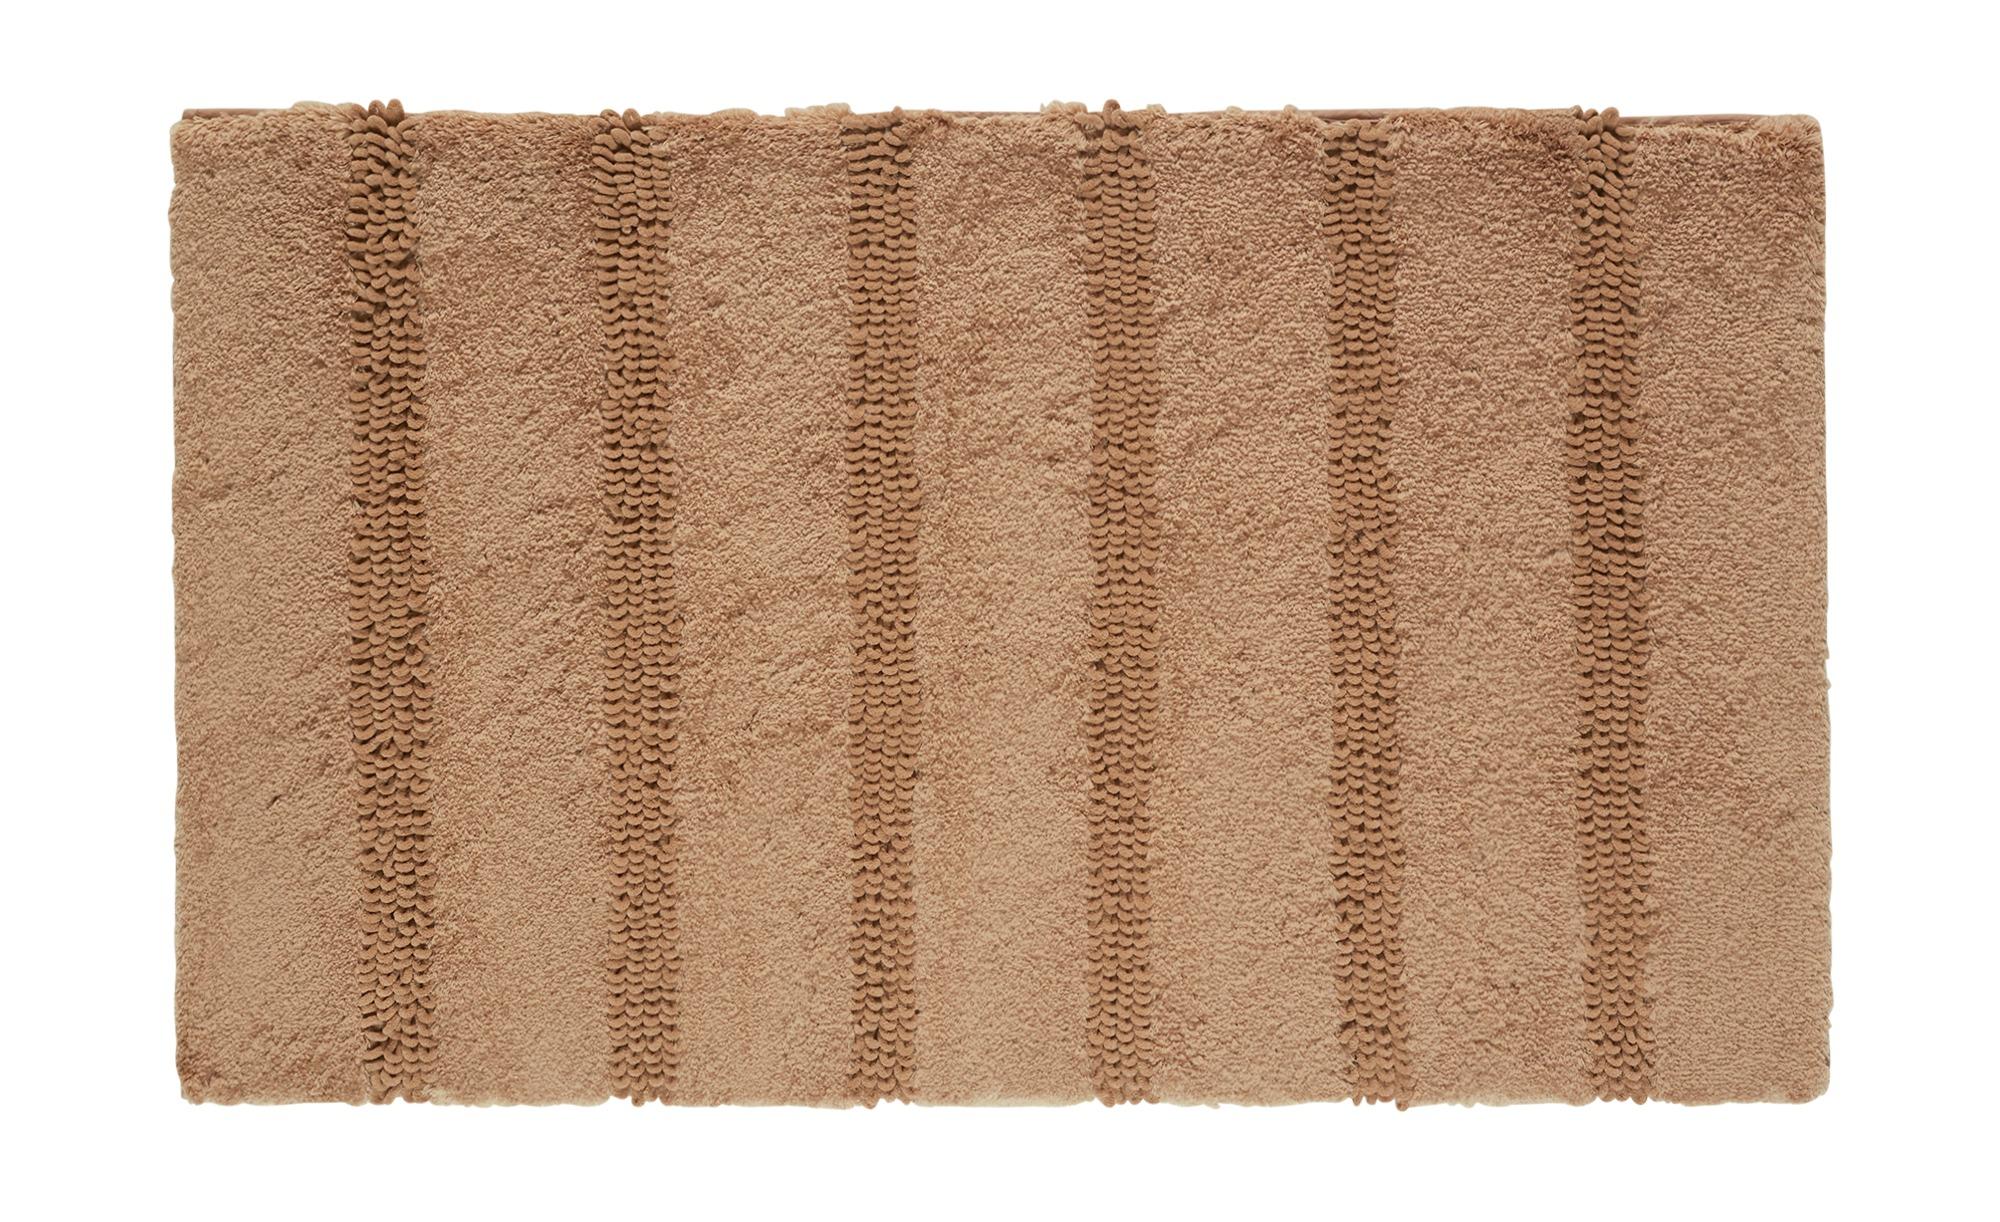 Kleine Wolke Badteppich  Monrovia - braun - 100% Polyester - 60 cm - Heimte günstig online kaufen